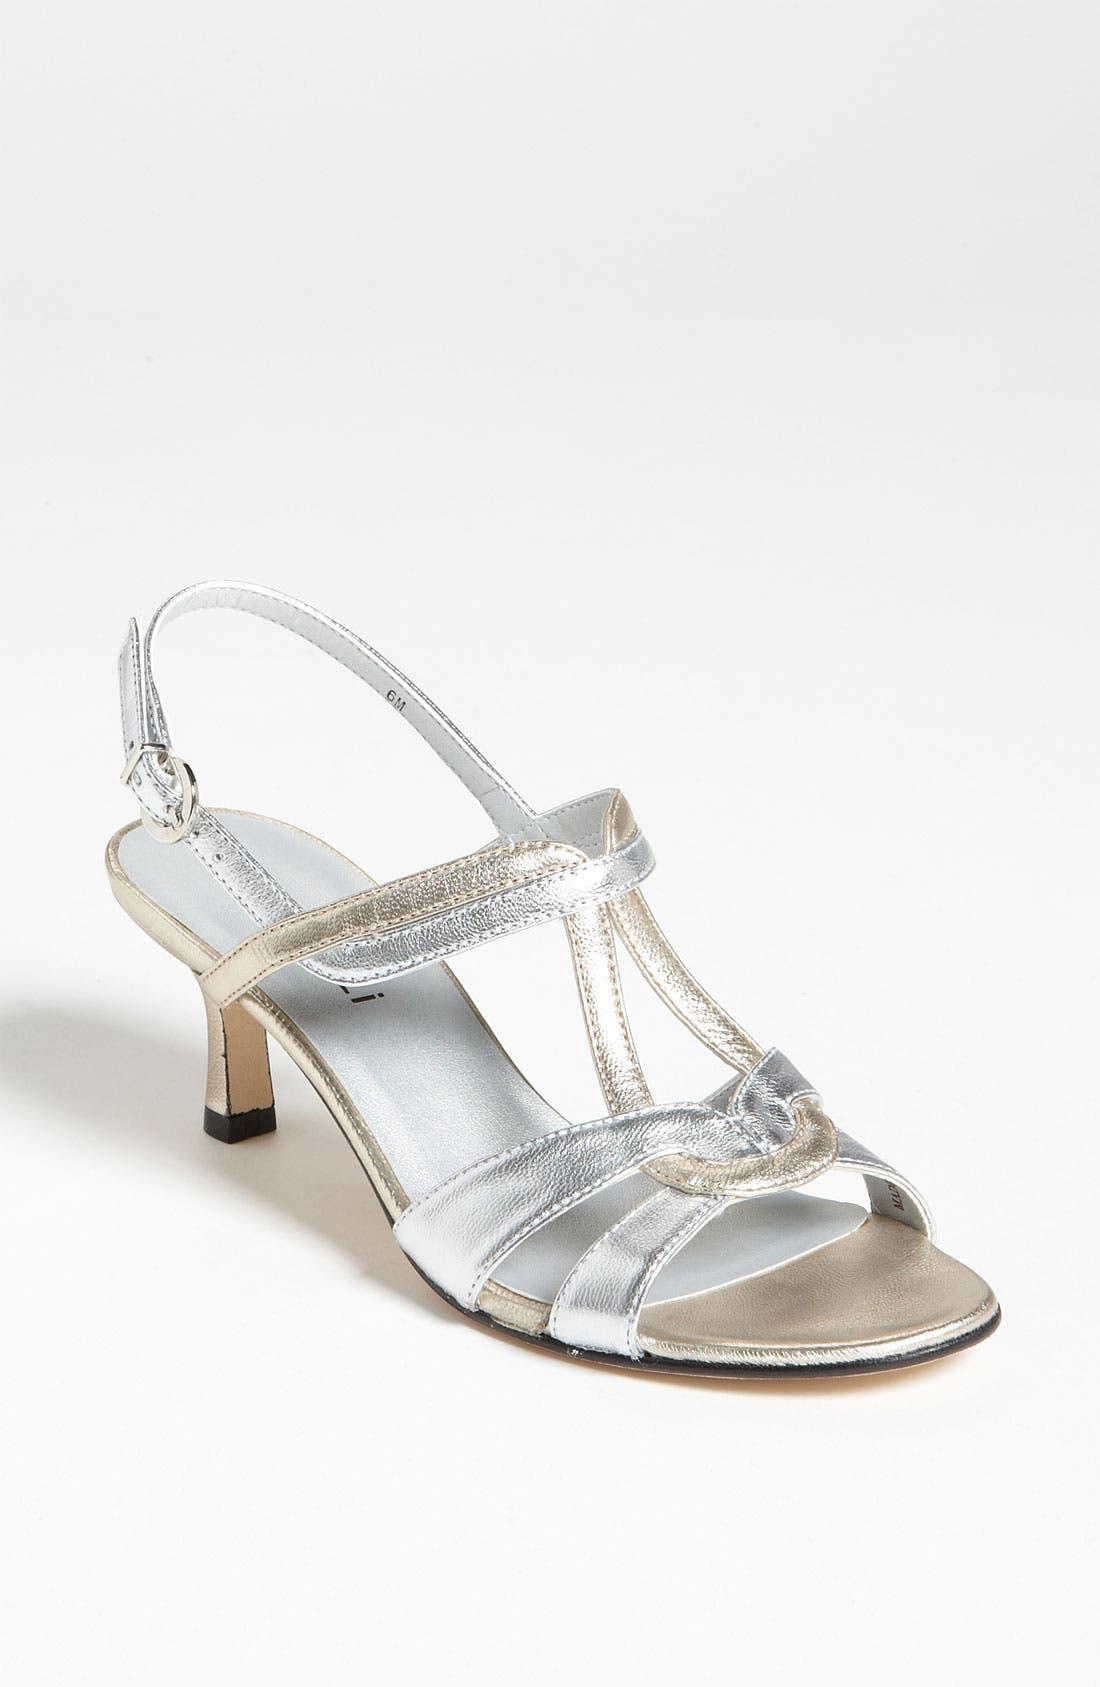 Main Image - VANELi 'Mathea' Sandal